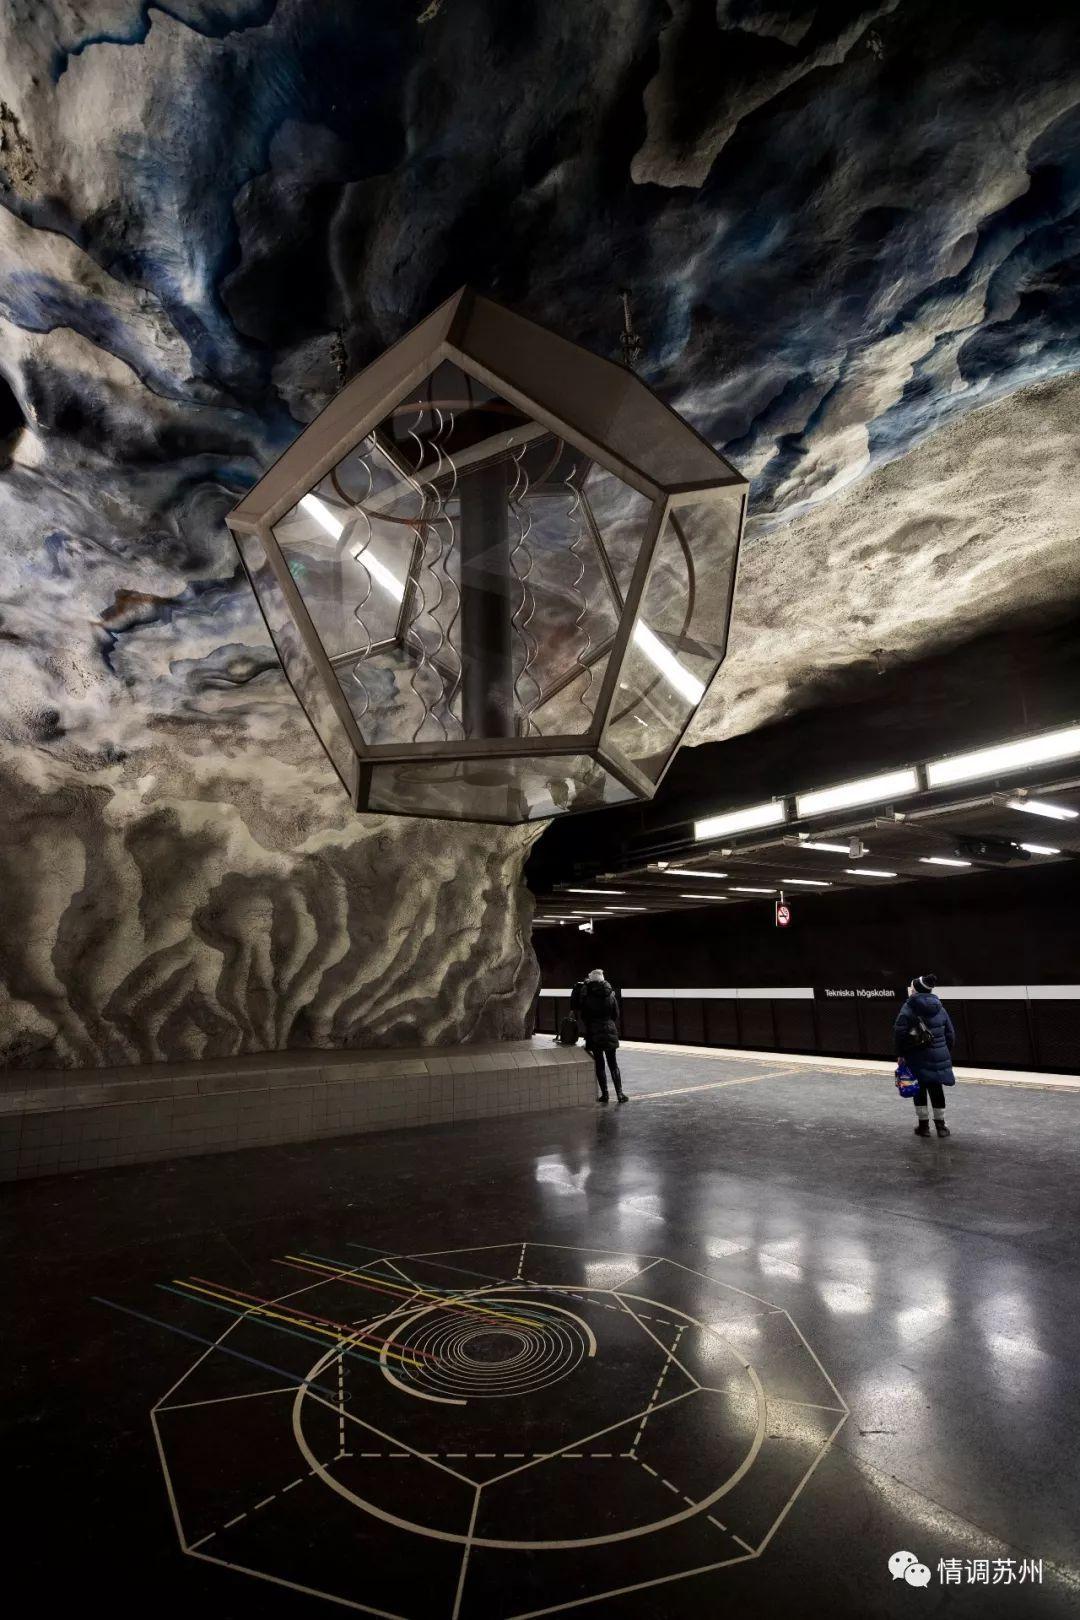 买张地铁票,就能欣赏长达110公里的底下艺术王国 | 柚子画报